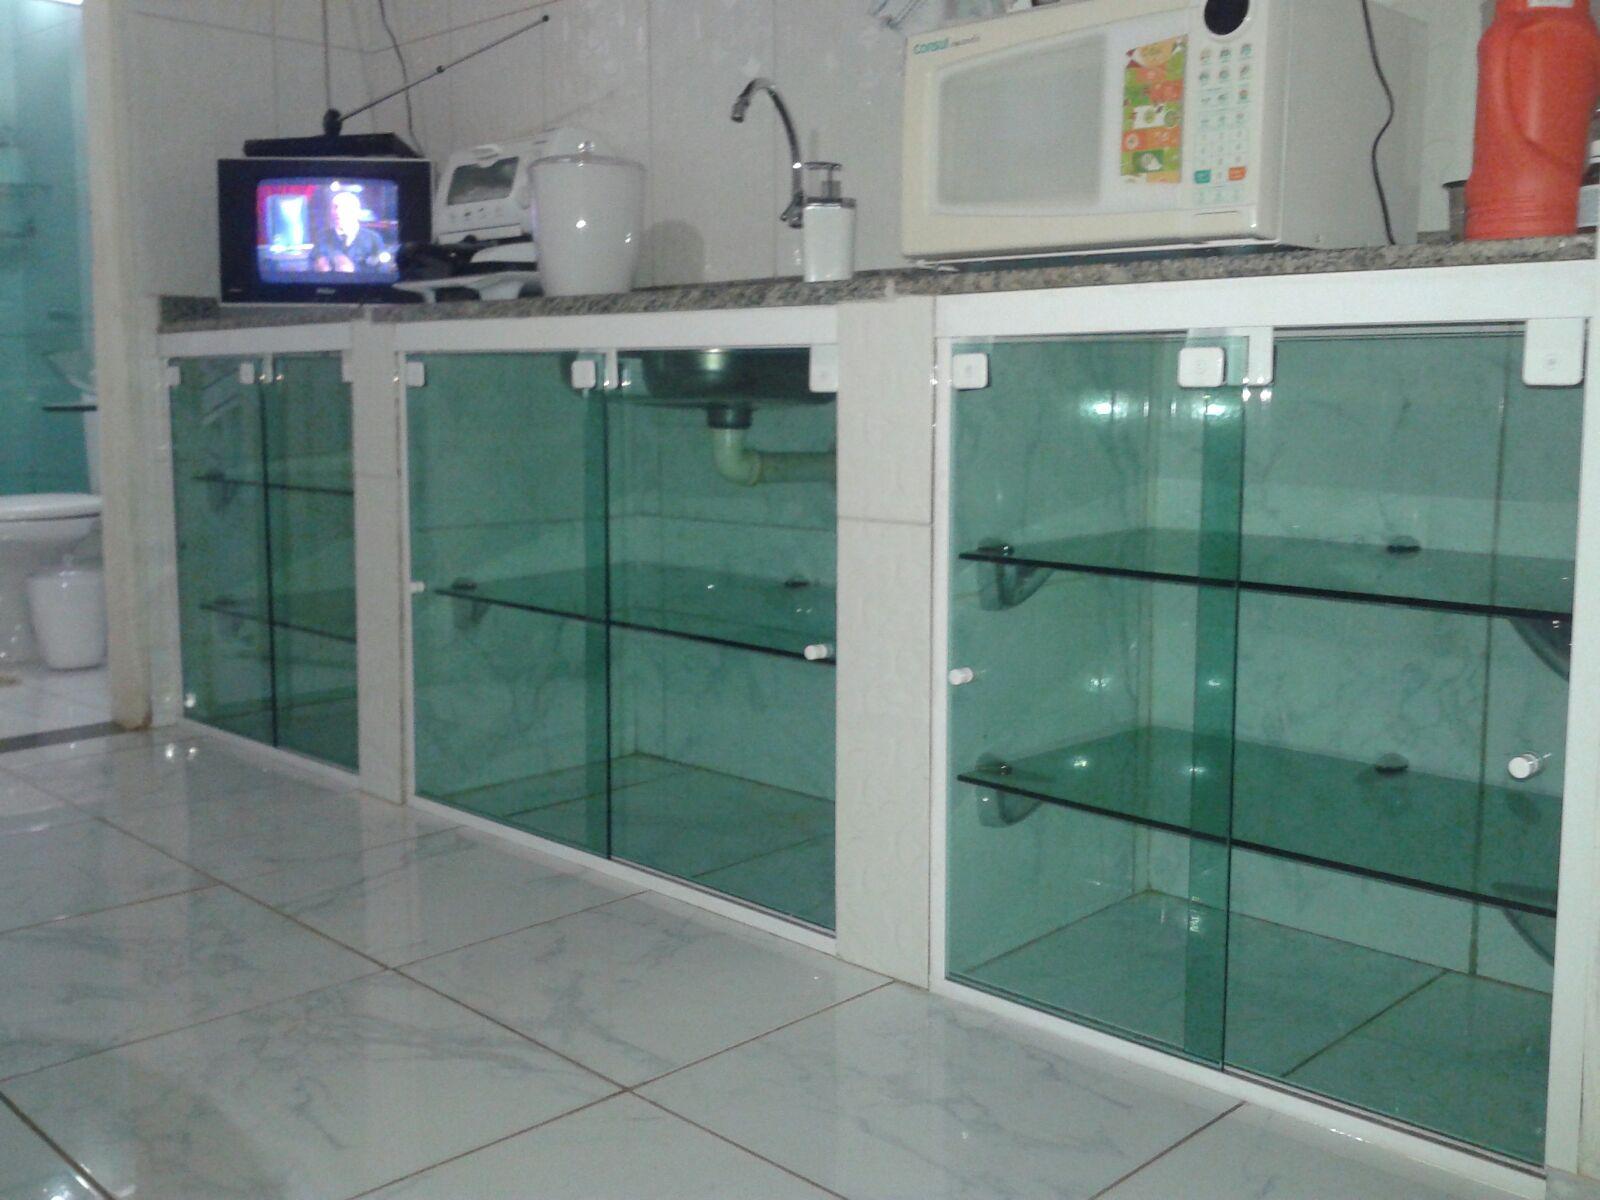 #934238 Armário De Pia Vidro Temperado Pictures to pin on Pinterest 276 Janelas De Vidro Rio Branco Acre